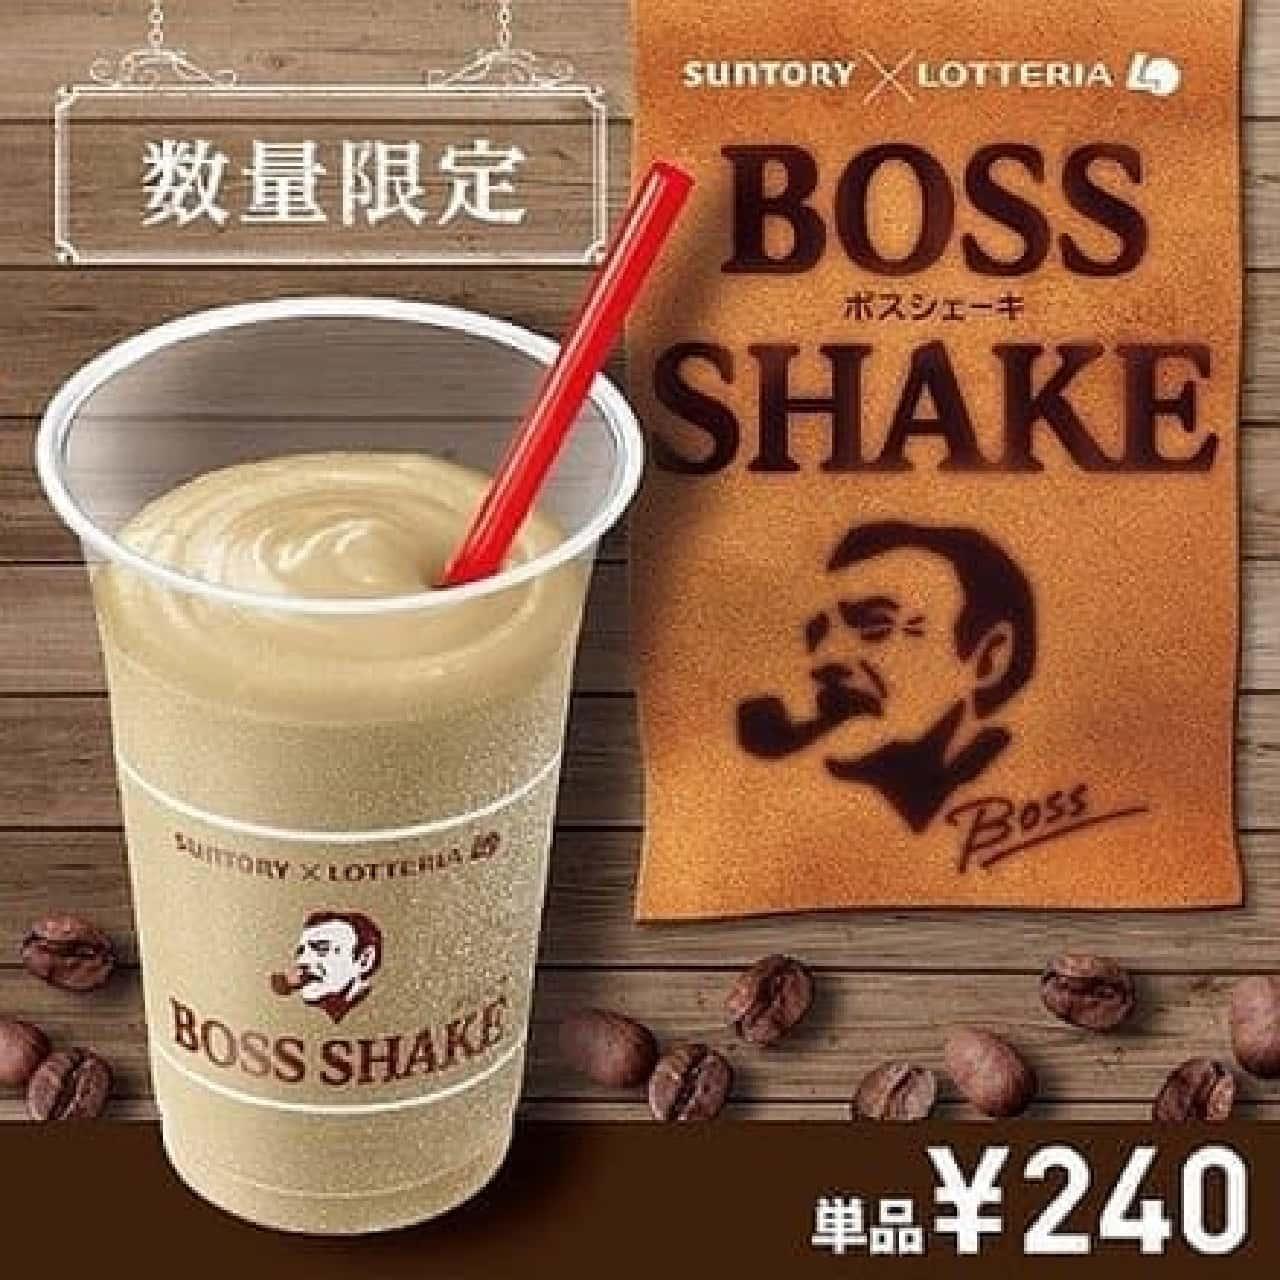 ロッテリア「BOSS(ボス)シェーキ」